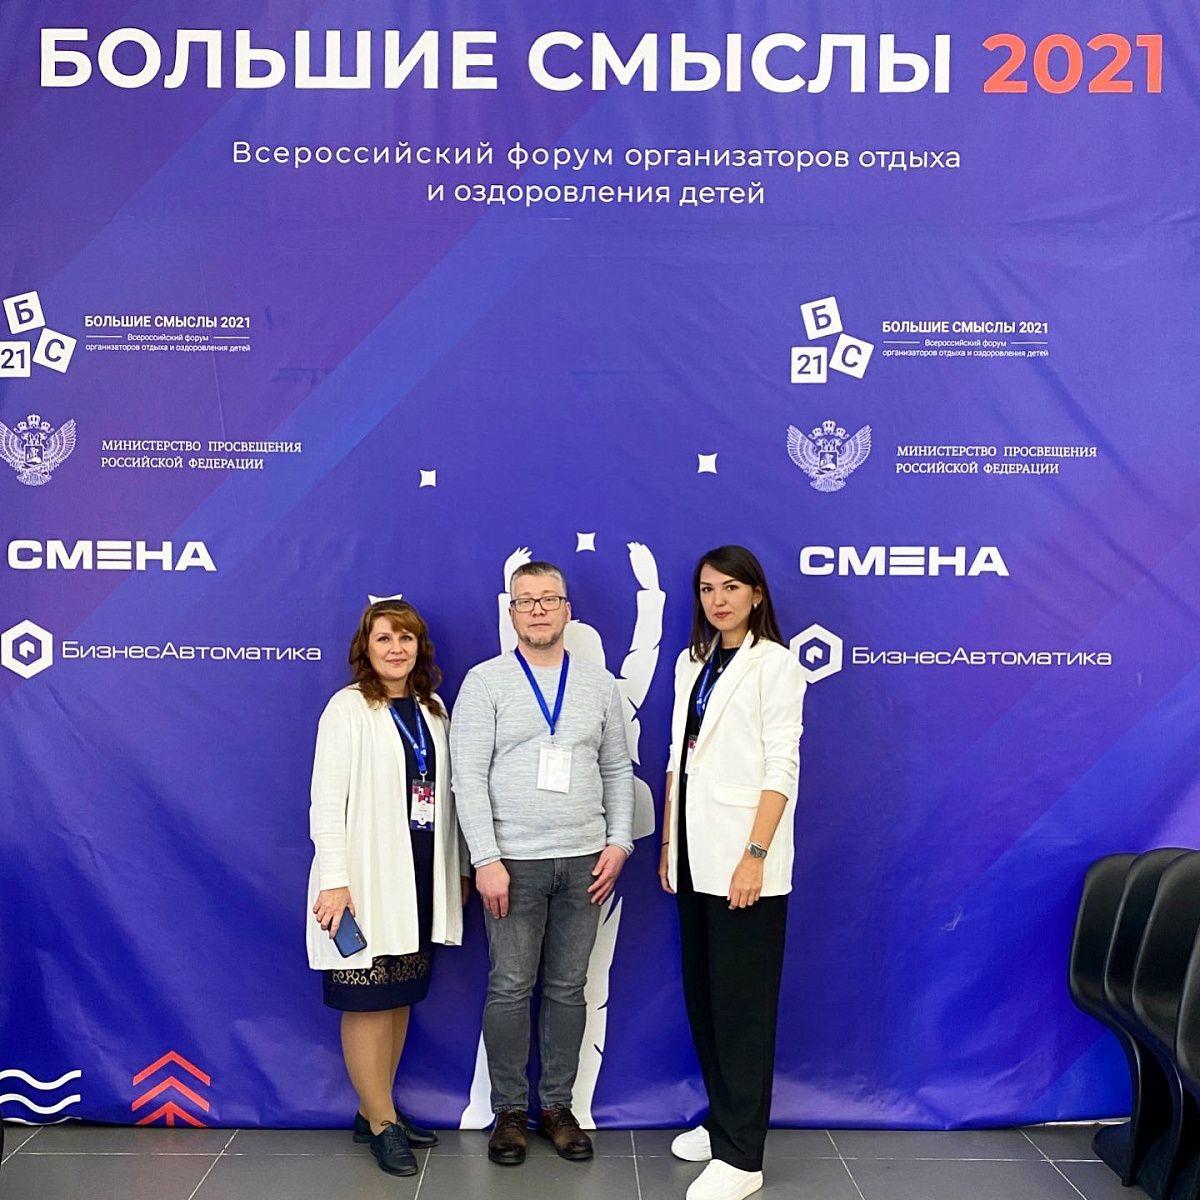 Команда УрГПУ стала спикерами Всероссийского форума «Большие смыслы» в Анапе